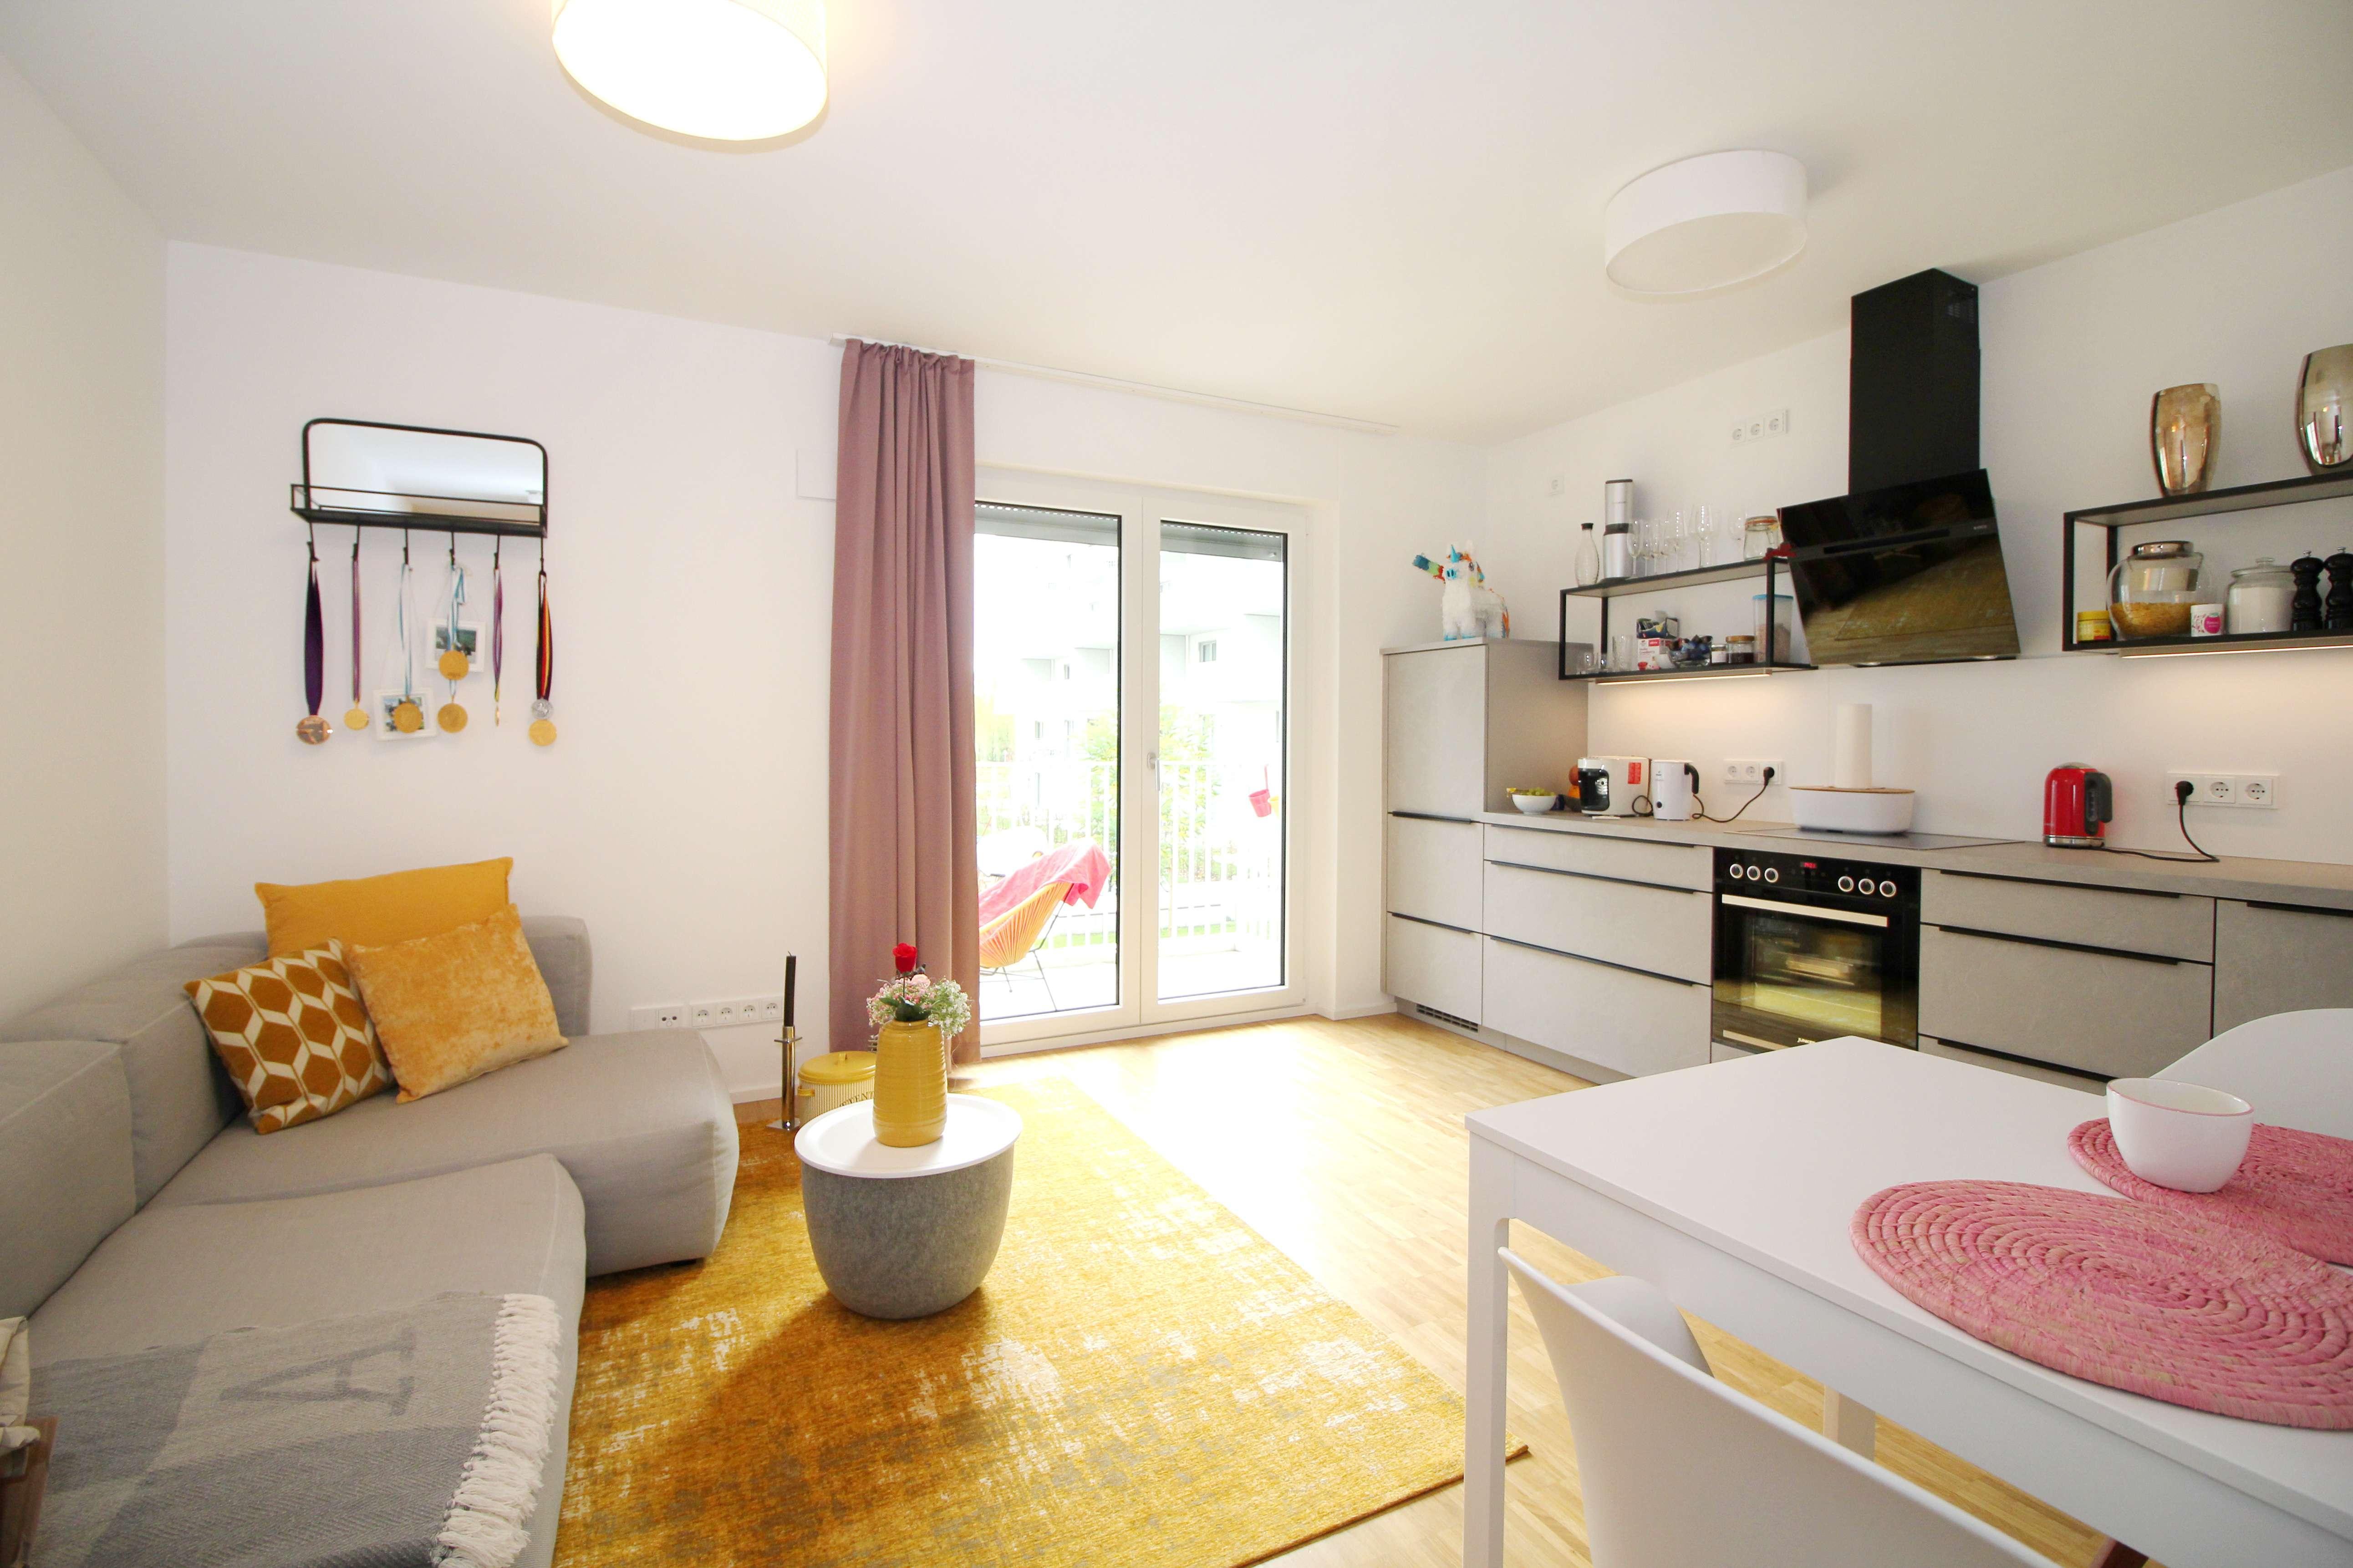 Moderne 2-Zimmer-Wohnung mit Ankleidezimmer im schönen Schwabing in Schwabing (München)